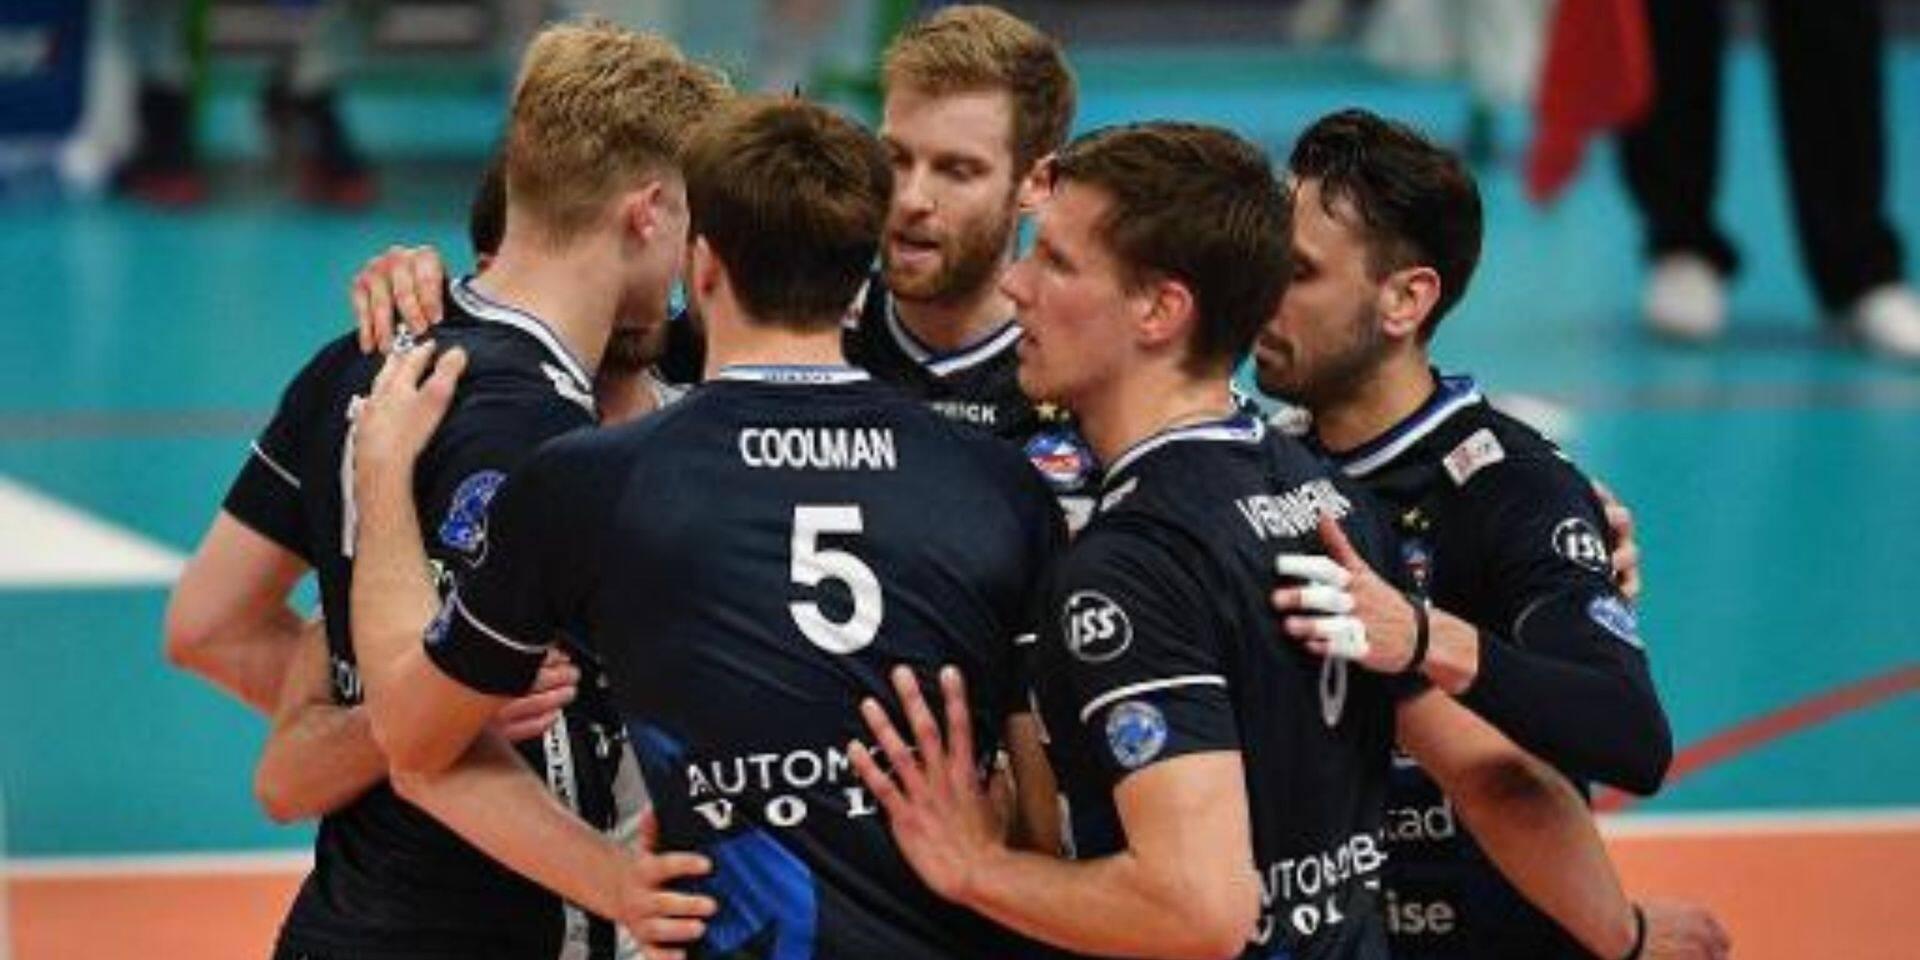 Coupe de Belgique de volley: Roulers bat Maaseik et s'offre sa 14e Coupe de Belgique, la 6e d'affilée